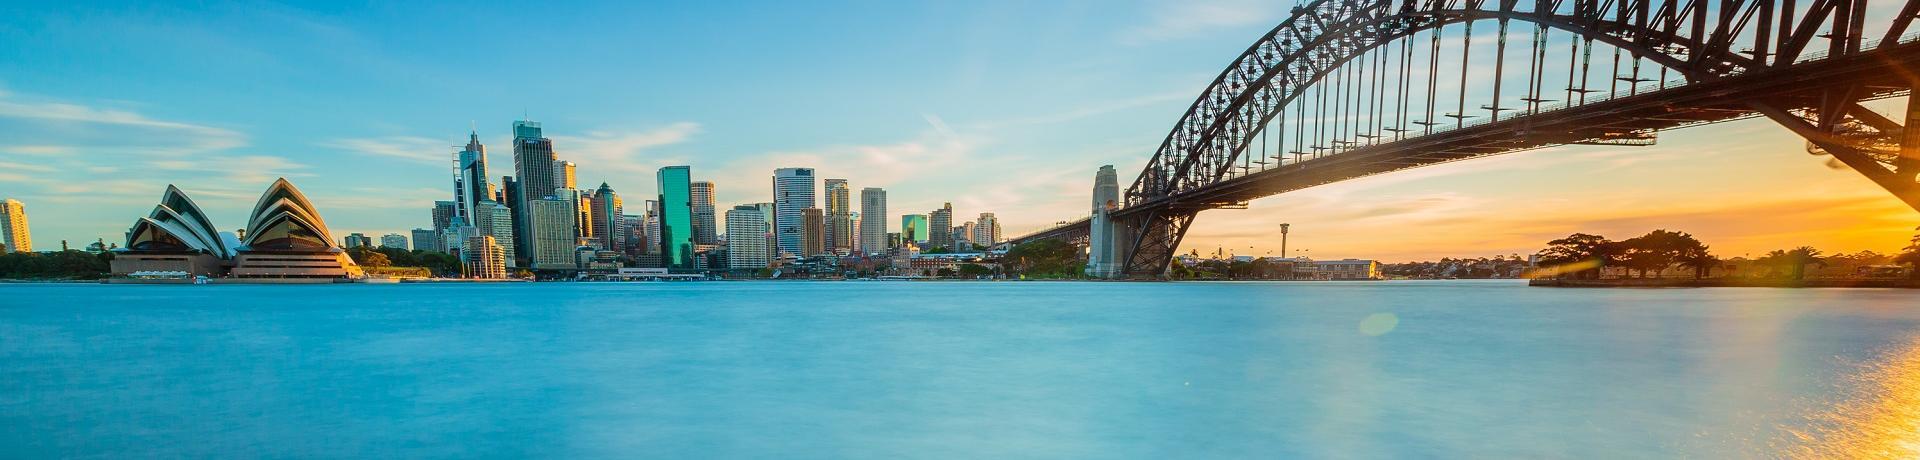 Australien: Sydney - Emotion I